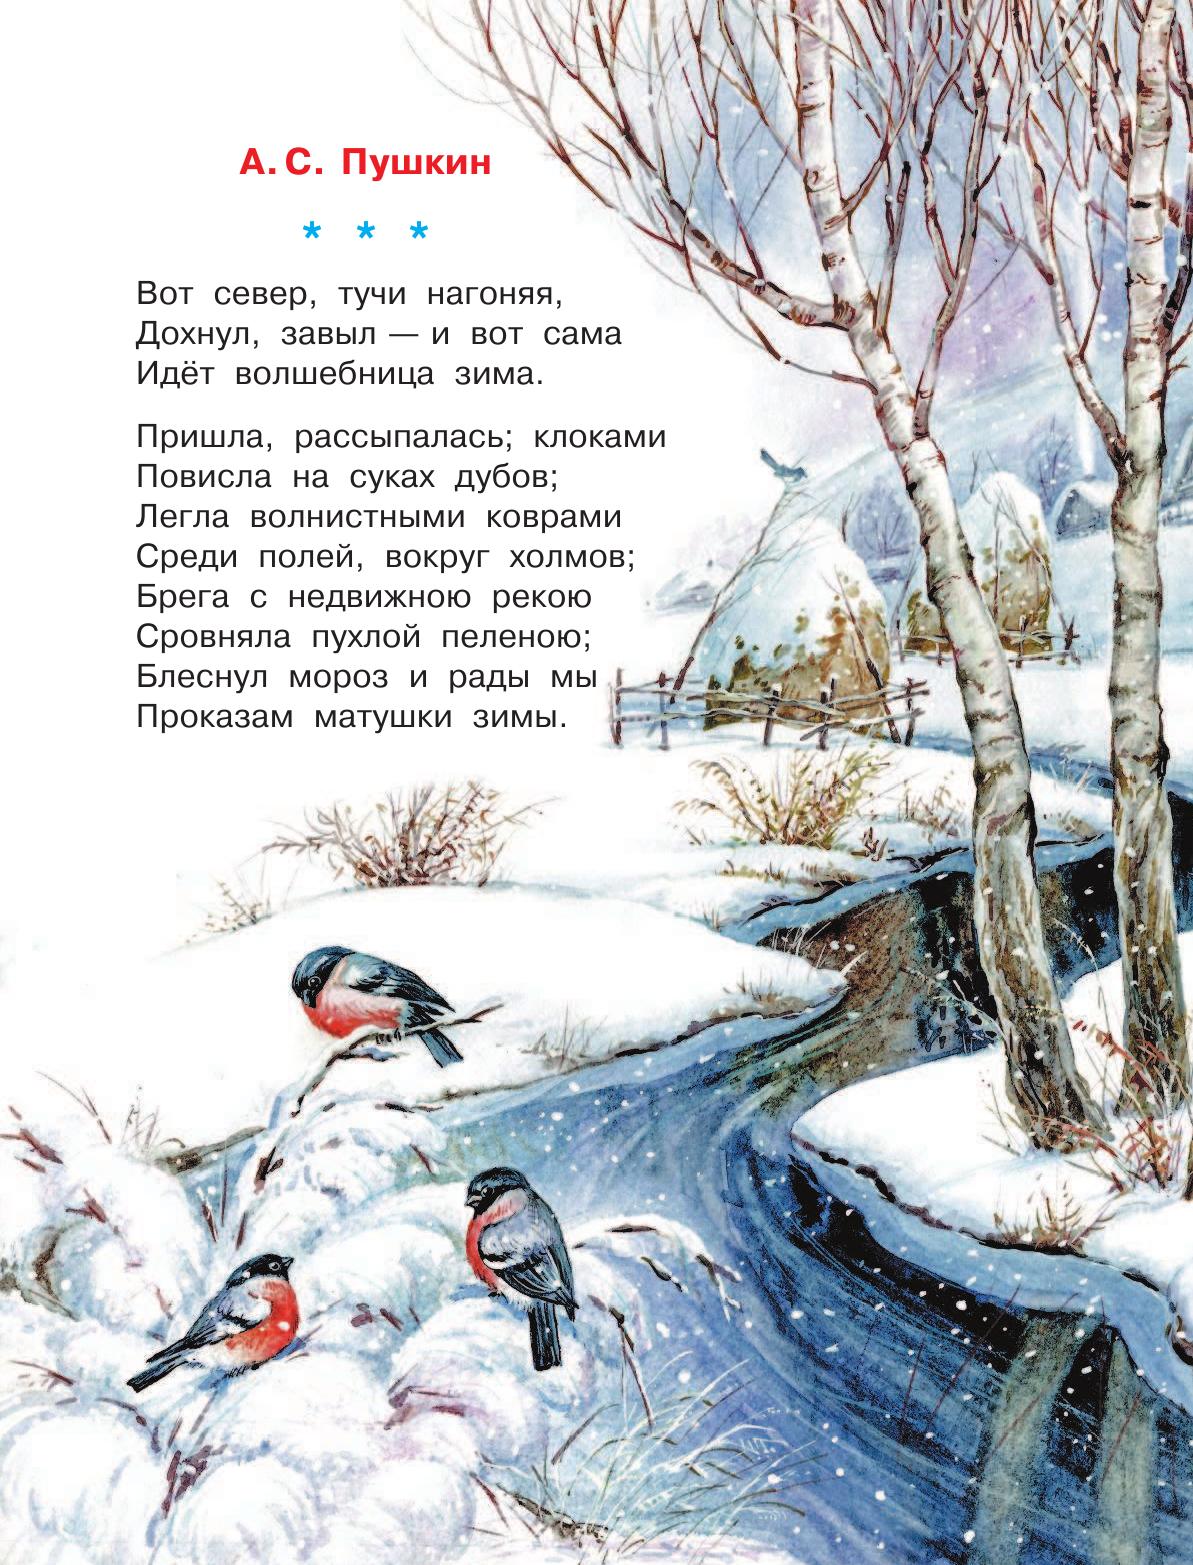 мужского иллюстрации к стихам пушкина о природе кадры входе